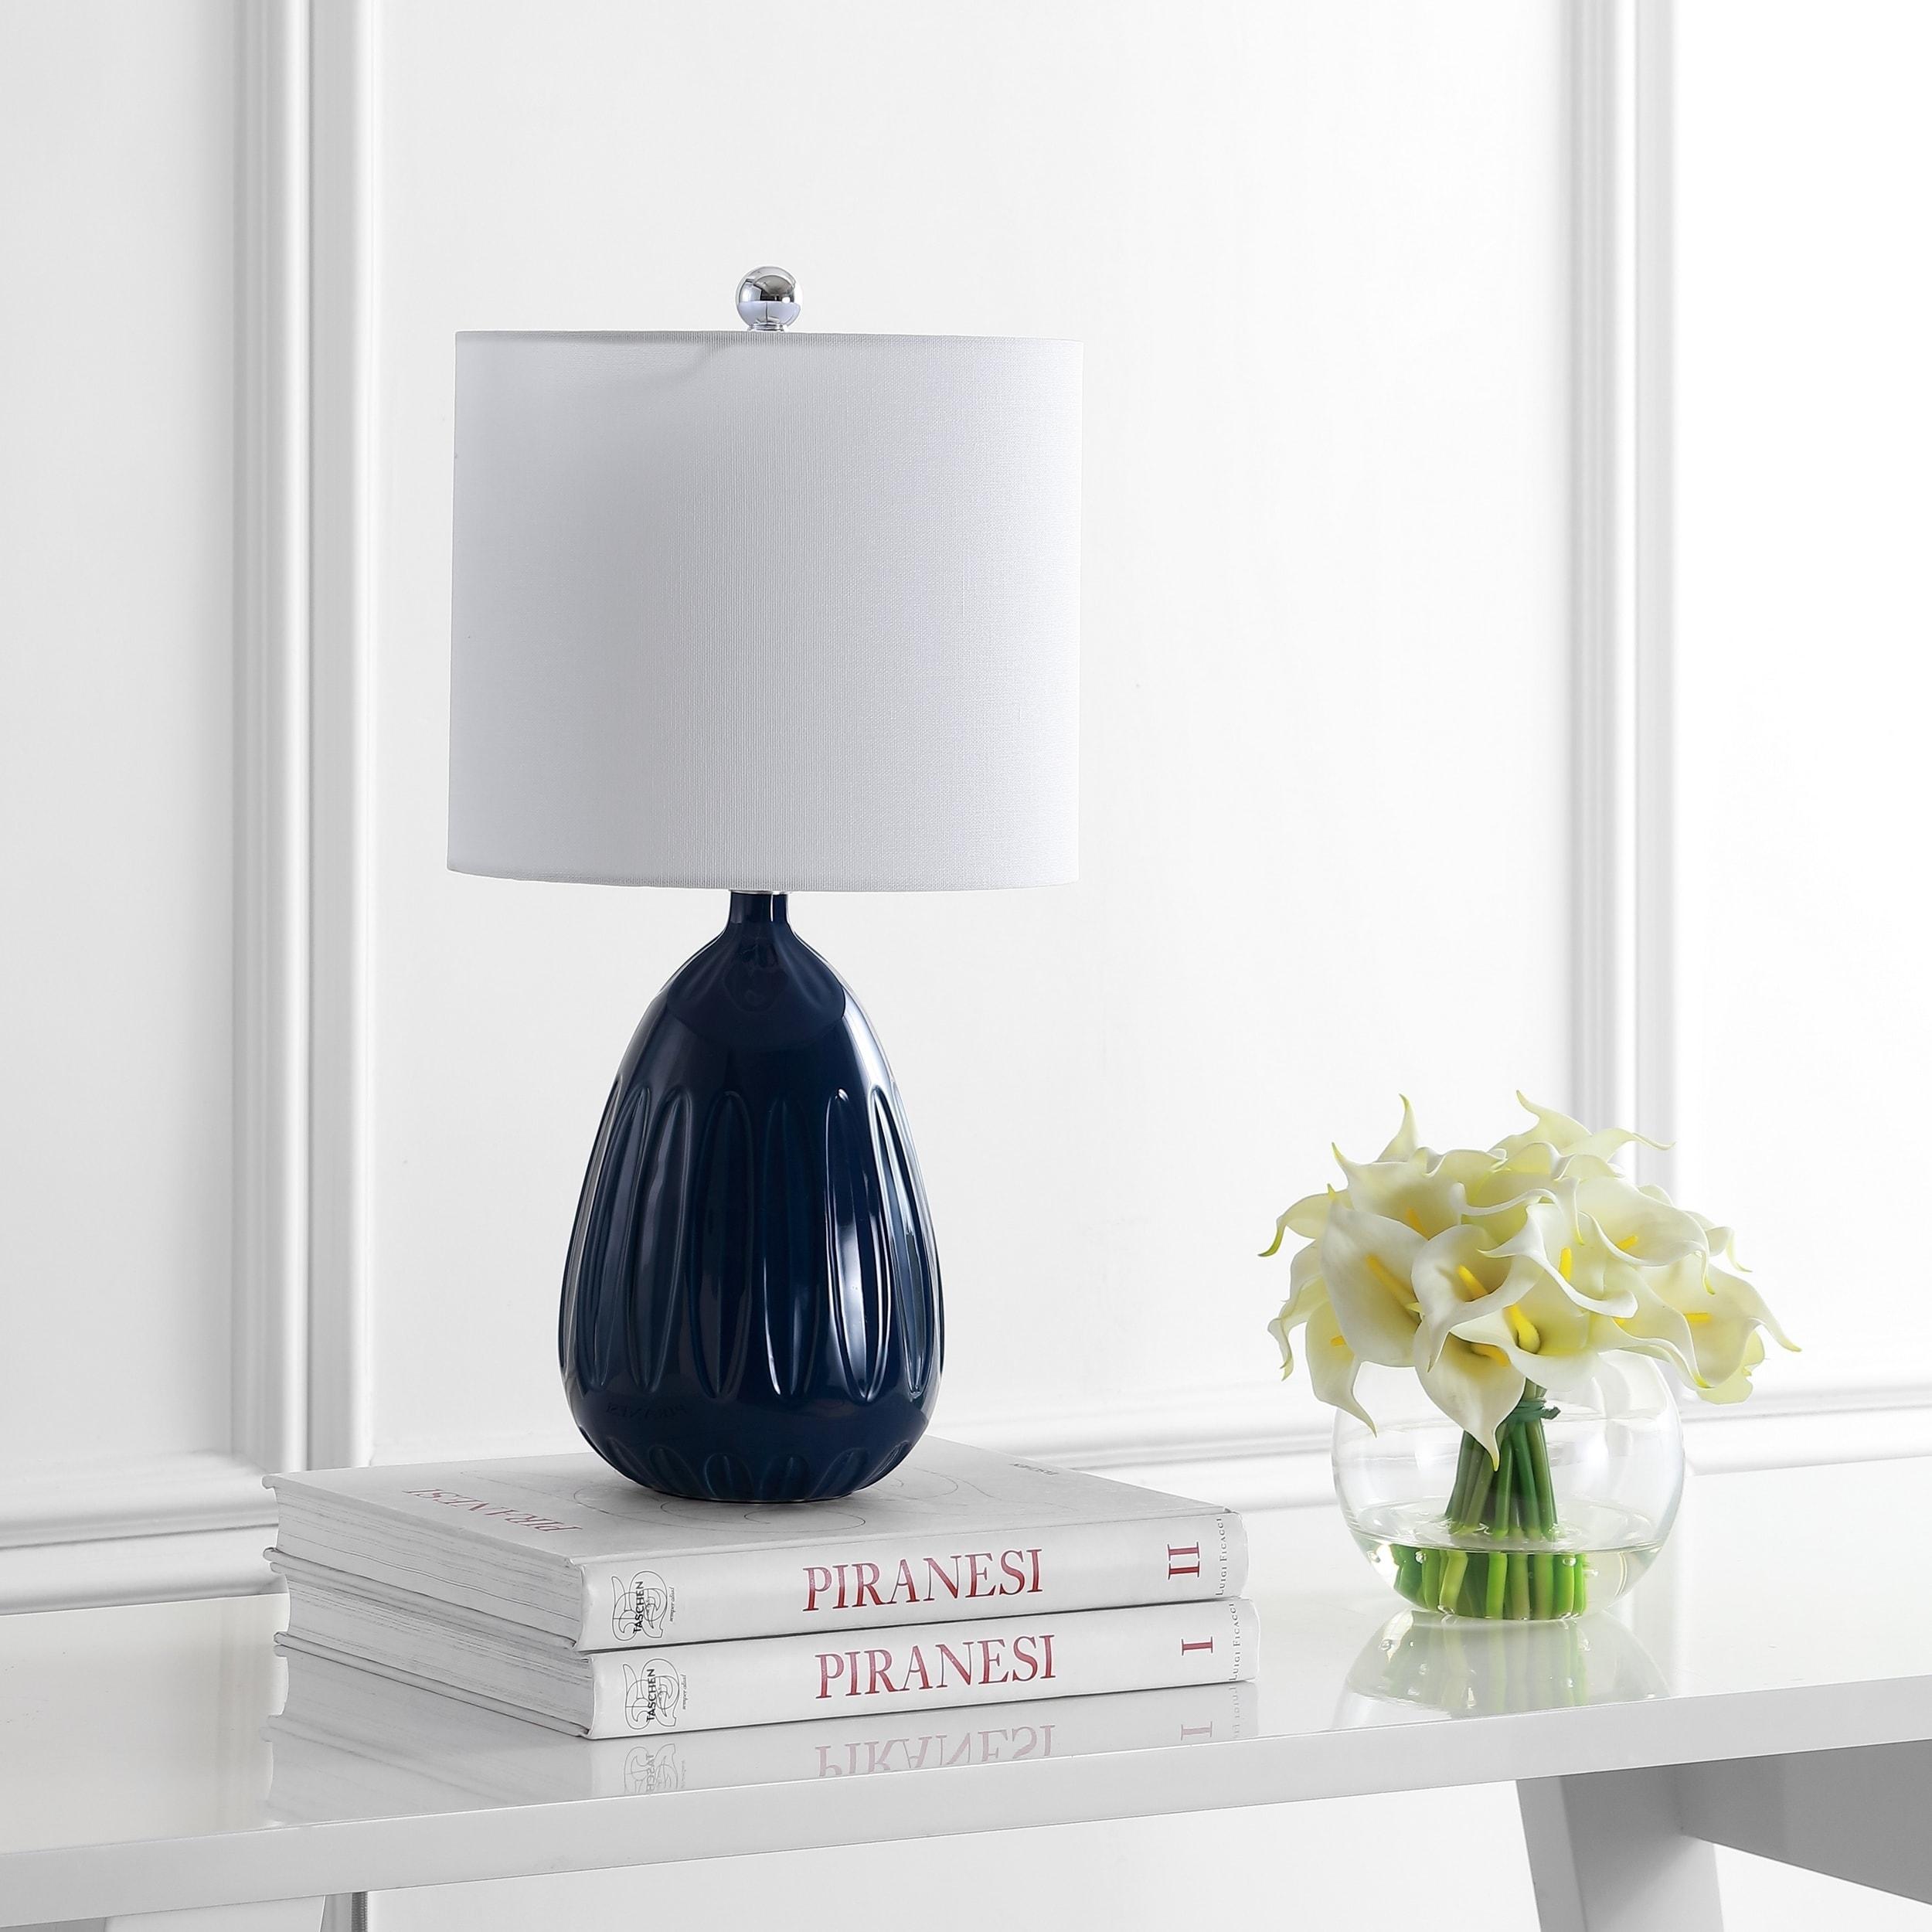 Safavieh Lighting 20 Linnett LED Table Lamp